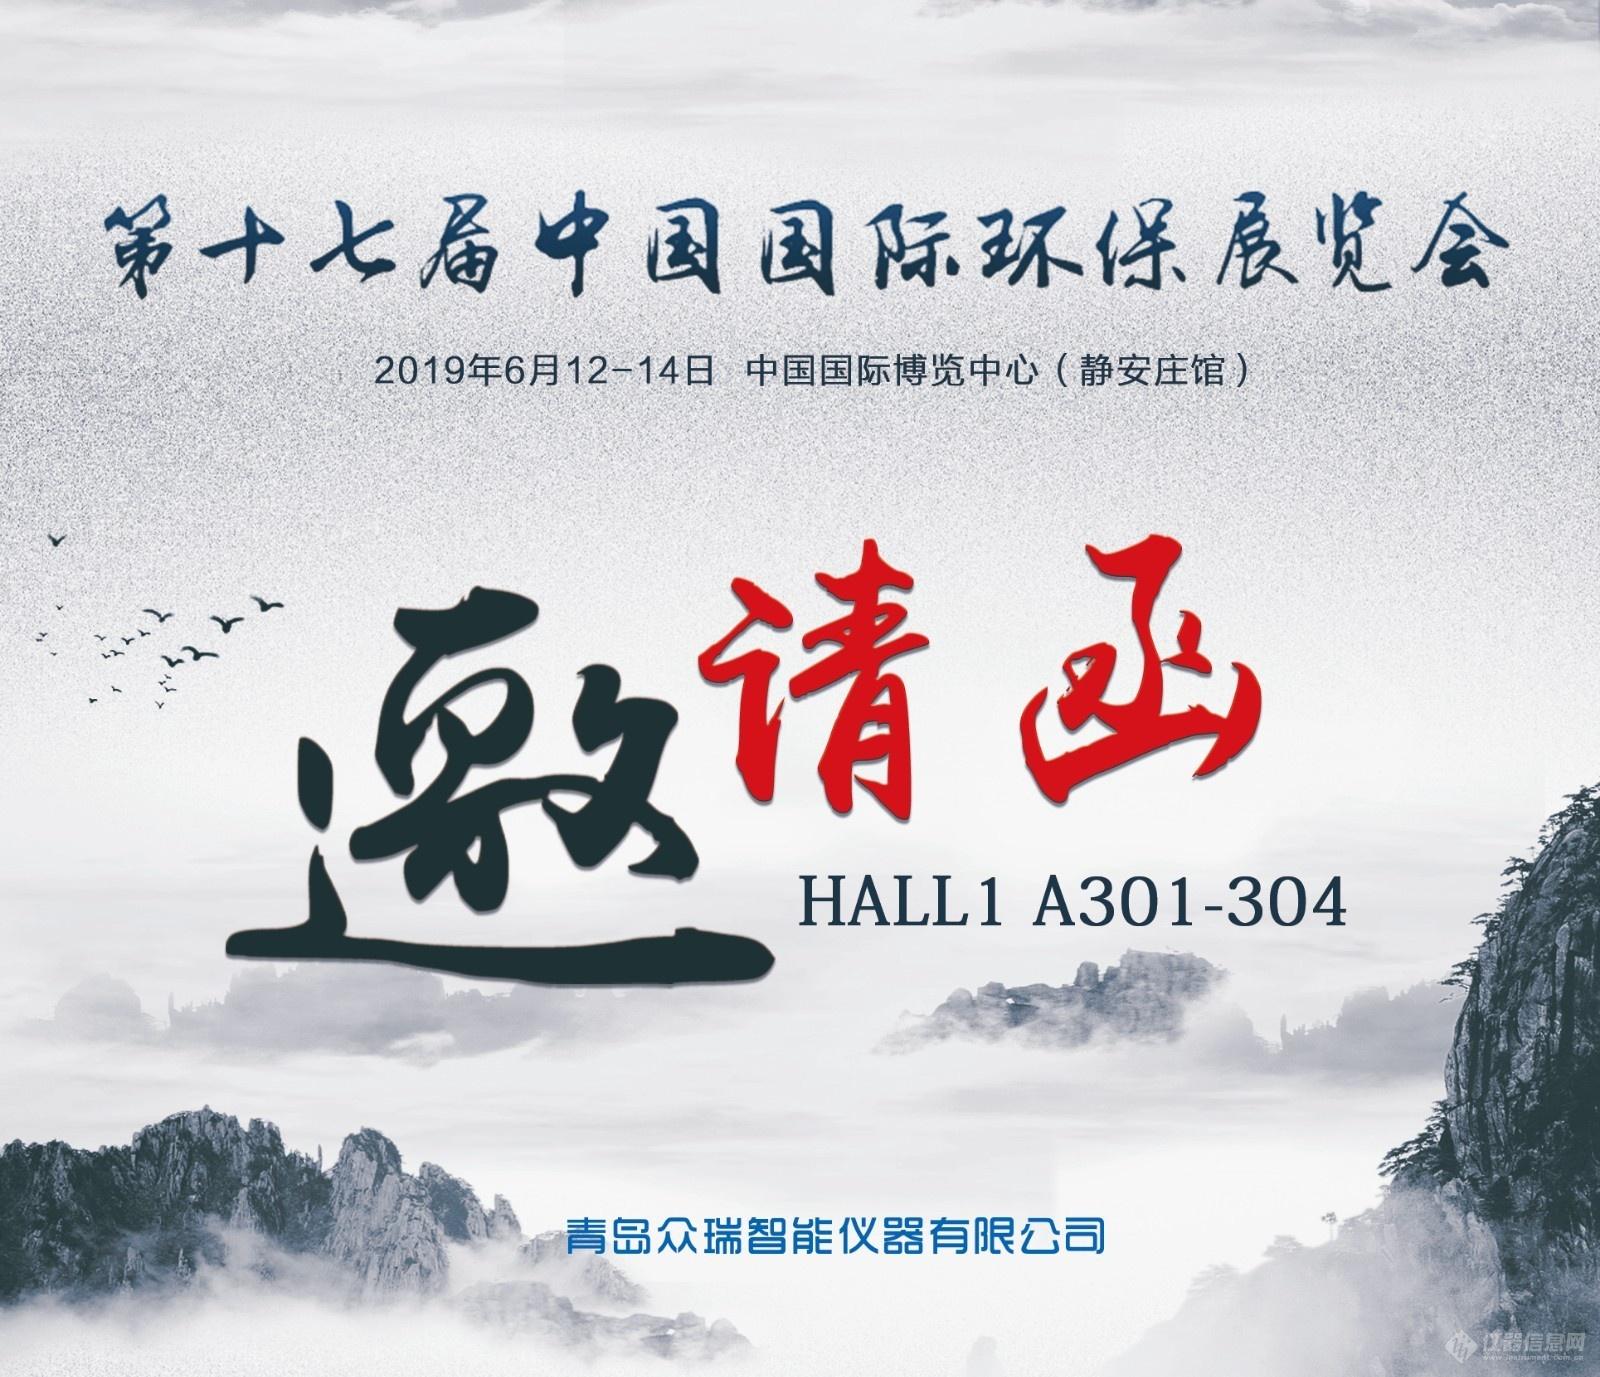 北京展会.jpg